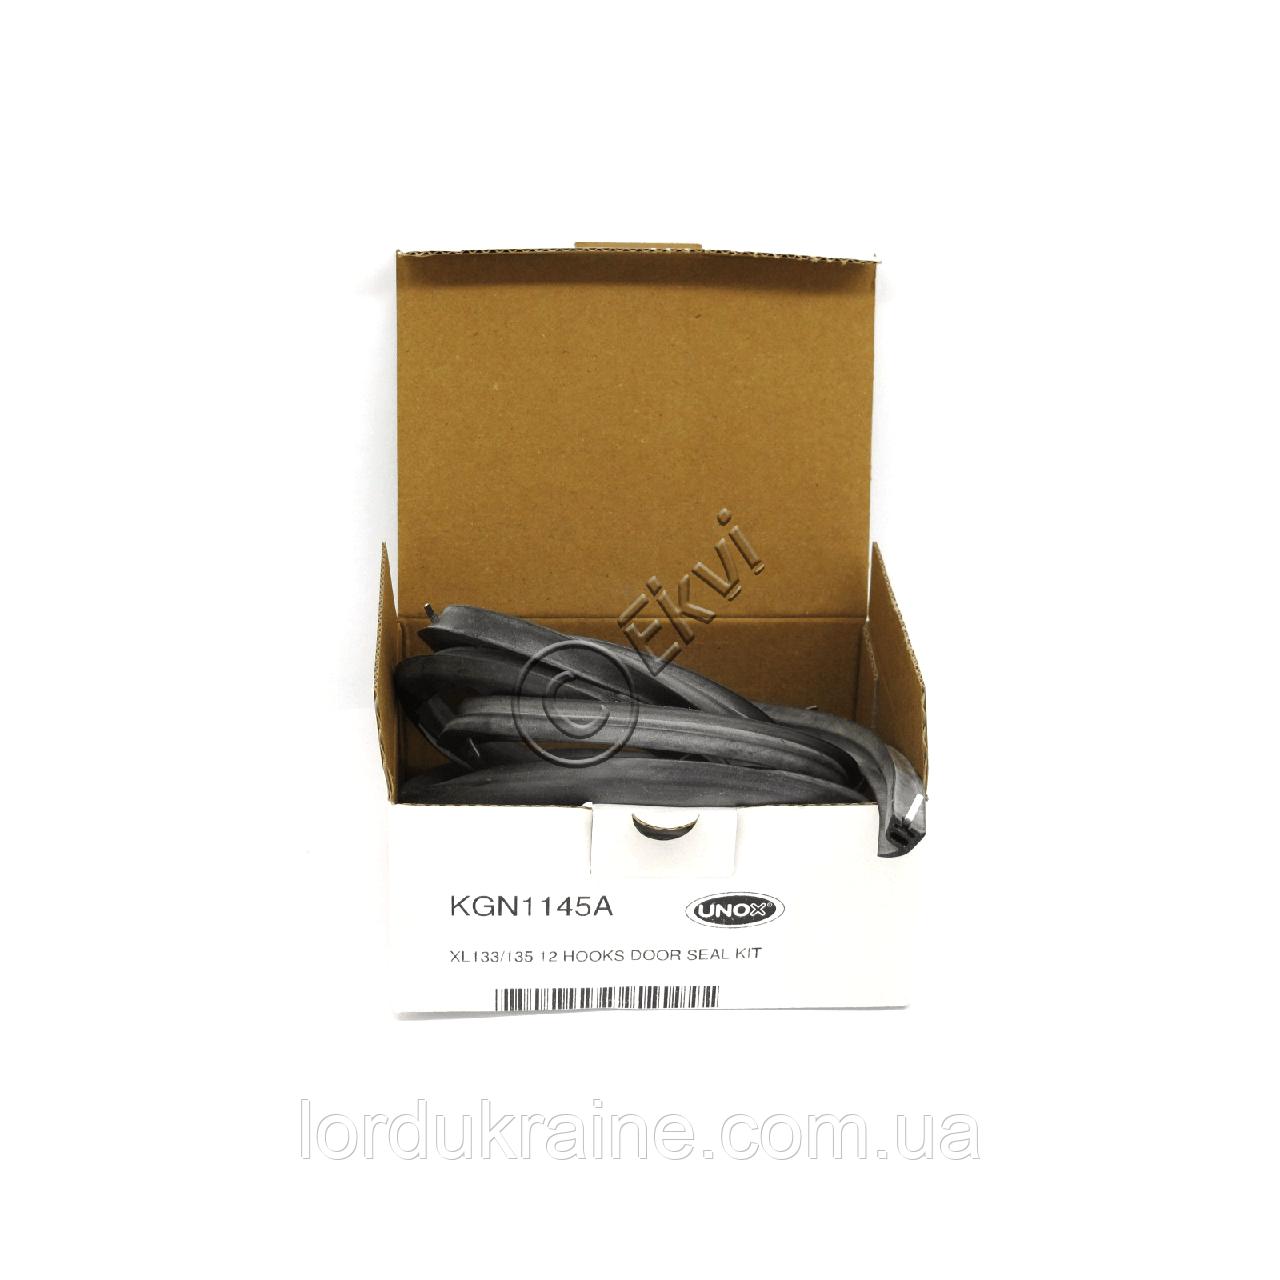 Уплотнительная резина GN1145А для двери на расстойку UNOX XL 135